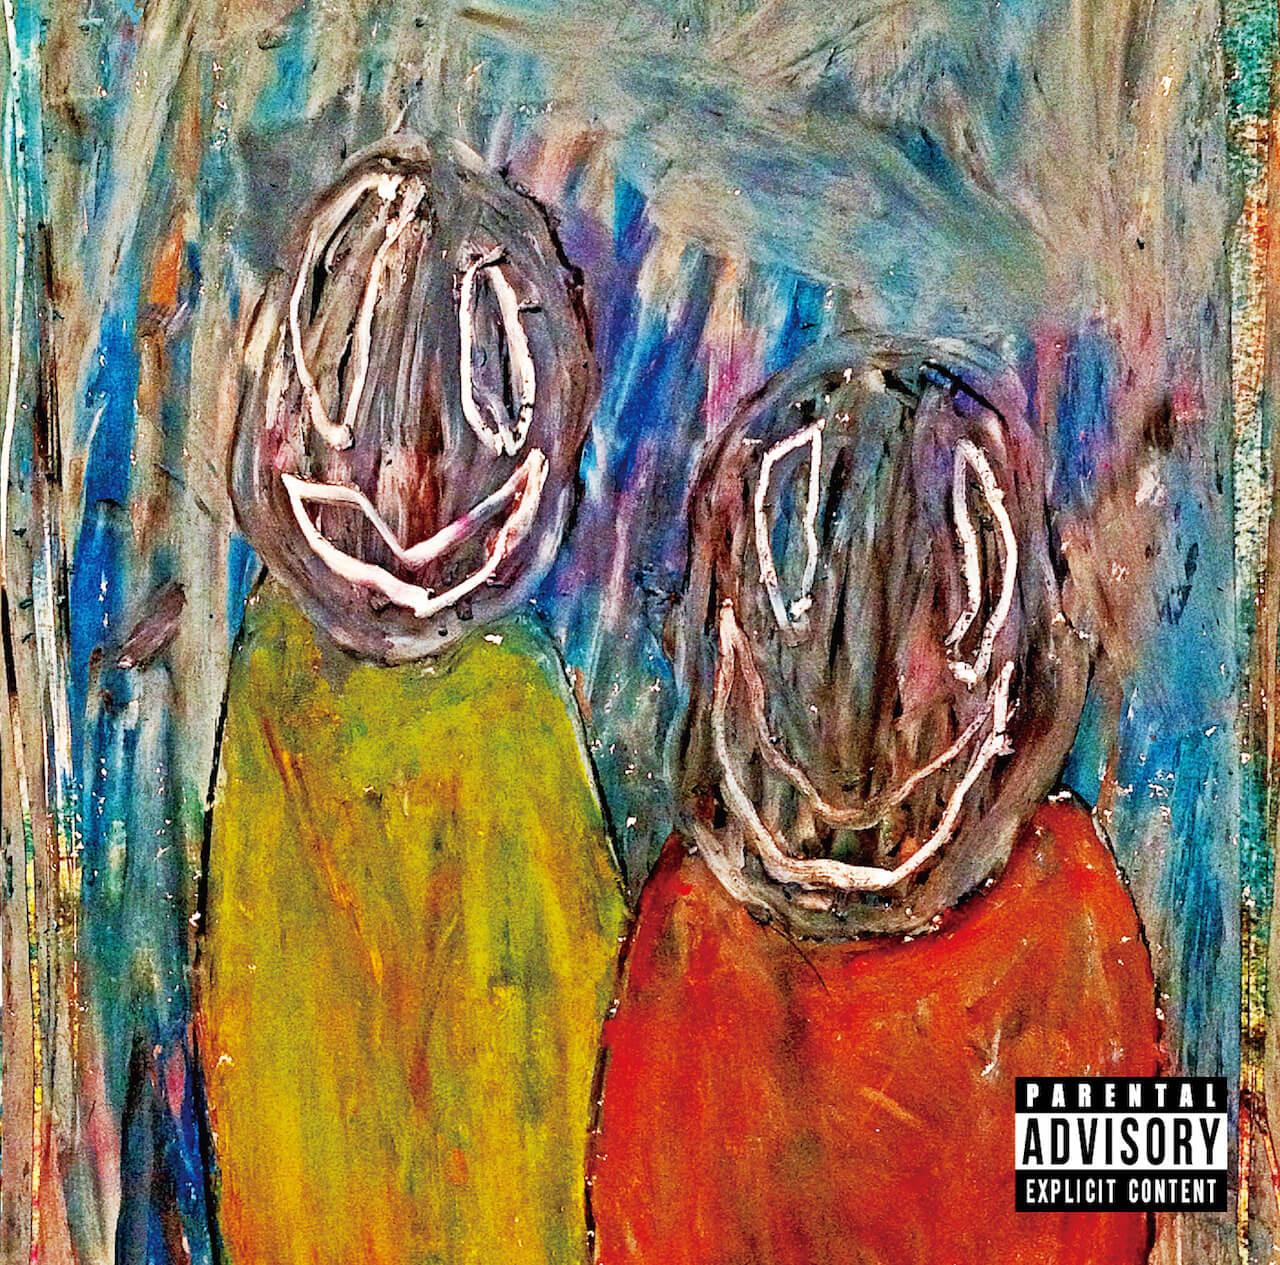 GREEN ASSASSIN DOLLARとrkemishiによるユニット・owlsのデビューアルバムが本日リリース|「encount feat. peedog」のMVも公開に music191120-owls-2